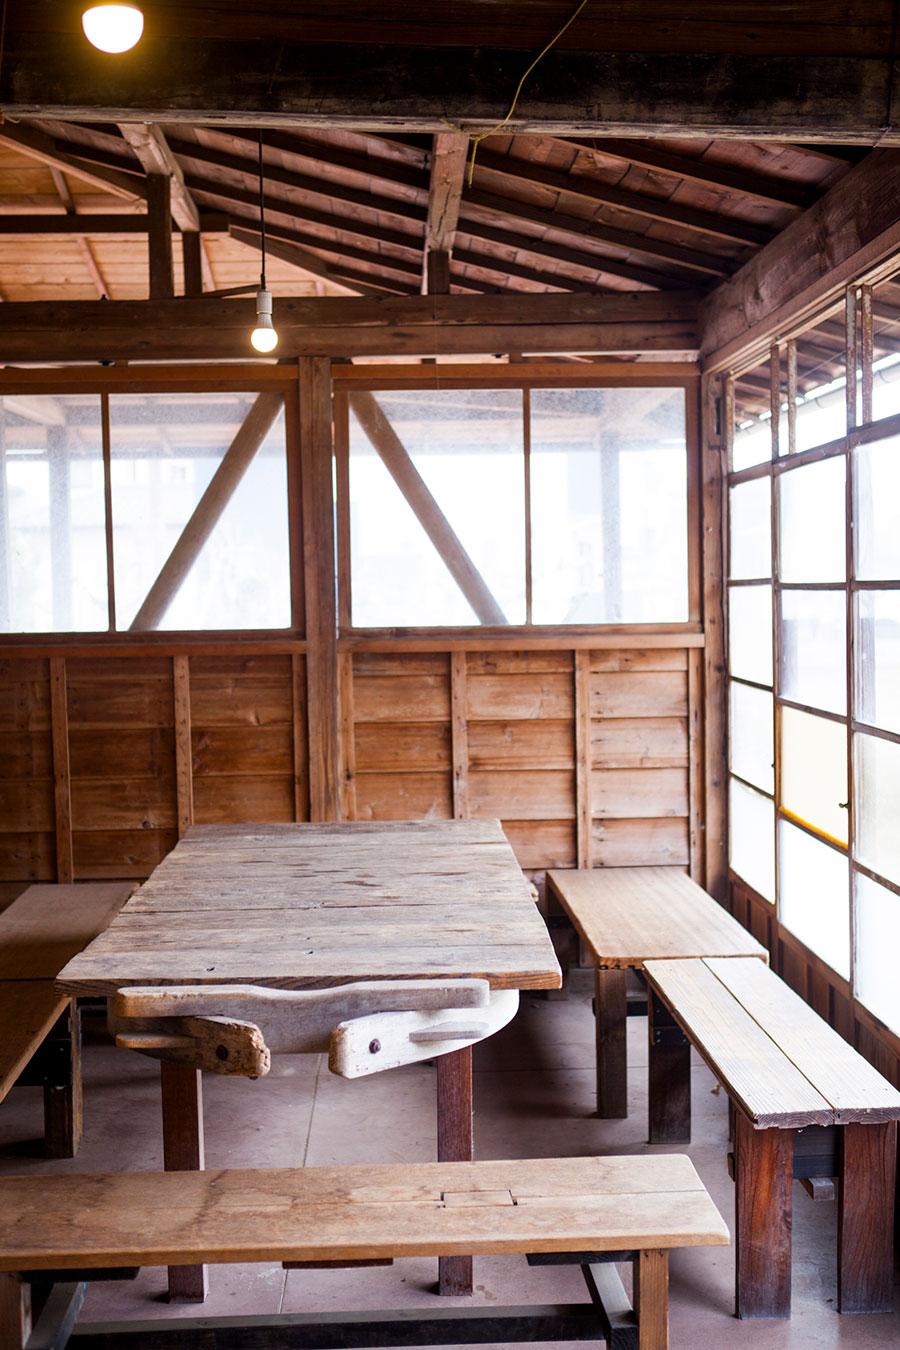 牛の荷車を土台にして作ったテーブル。納屋に眠っていた廃材を活用して様々な家具をDIY。